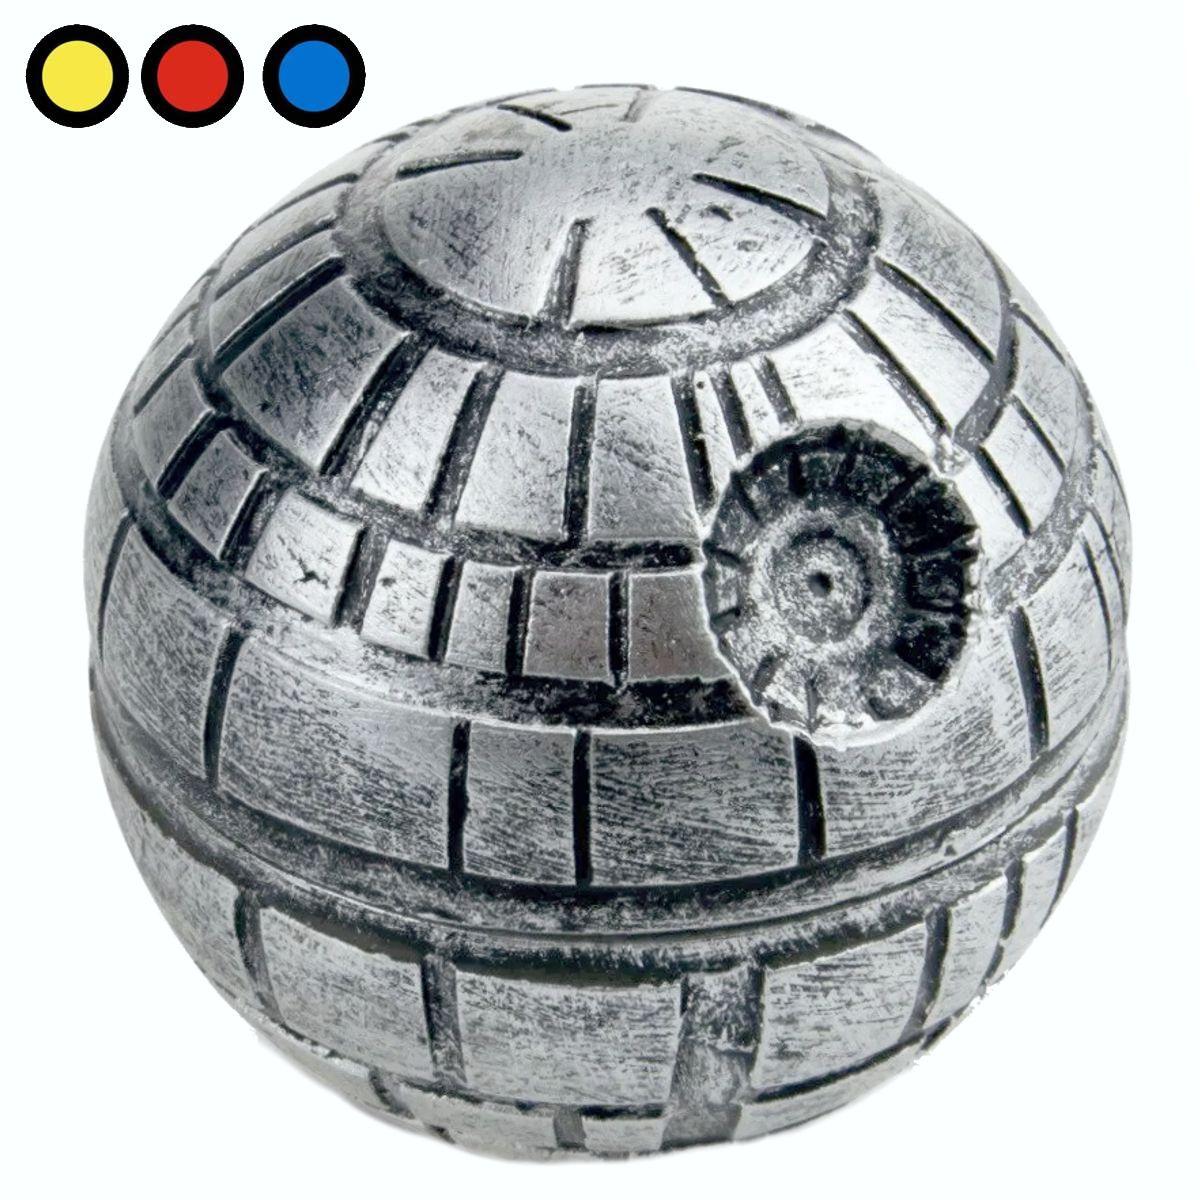 picador grinder death star